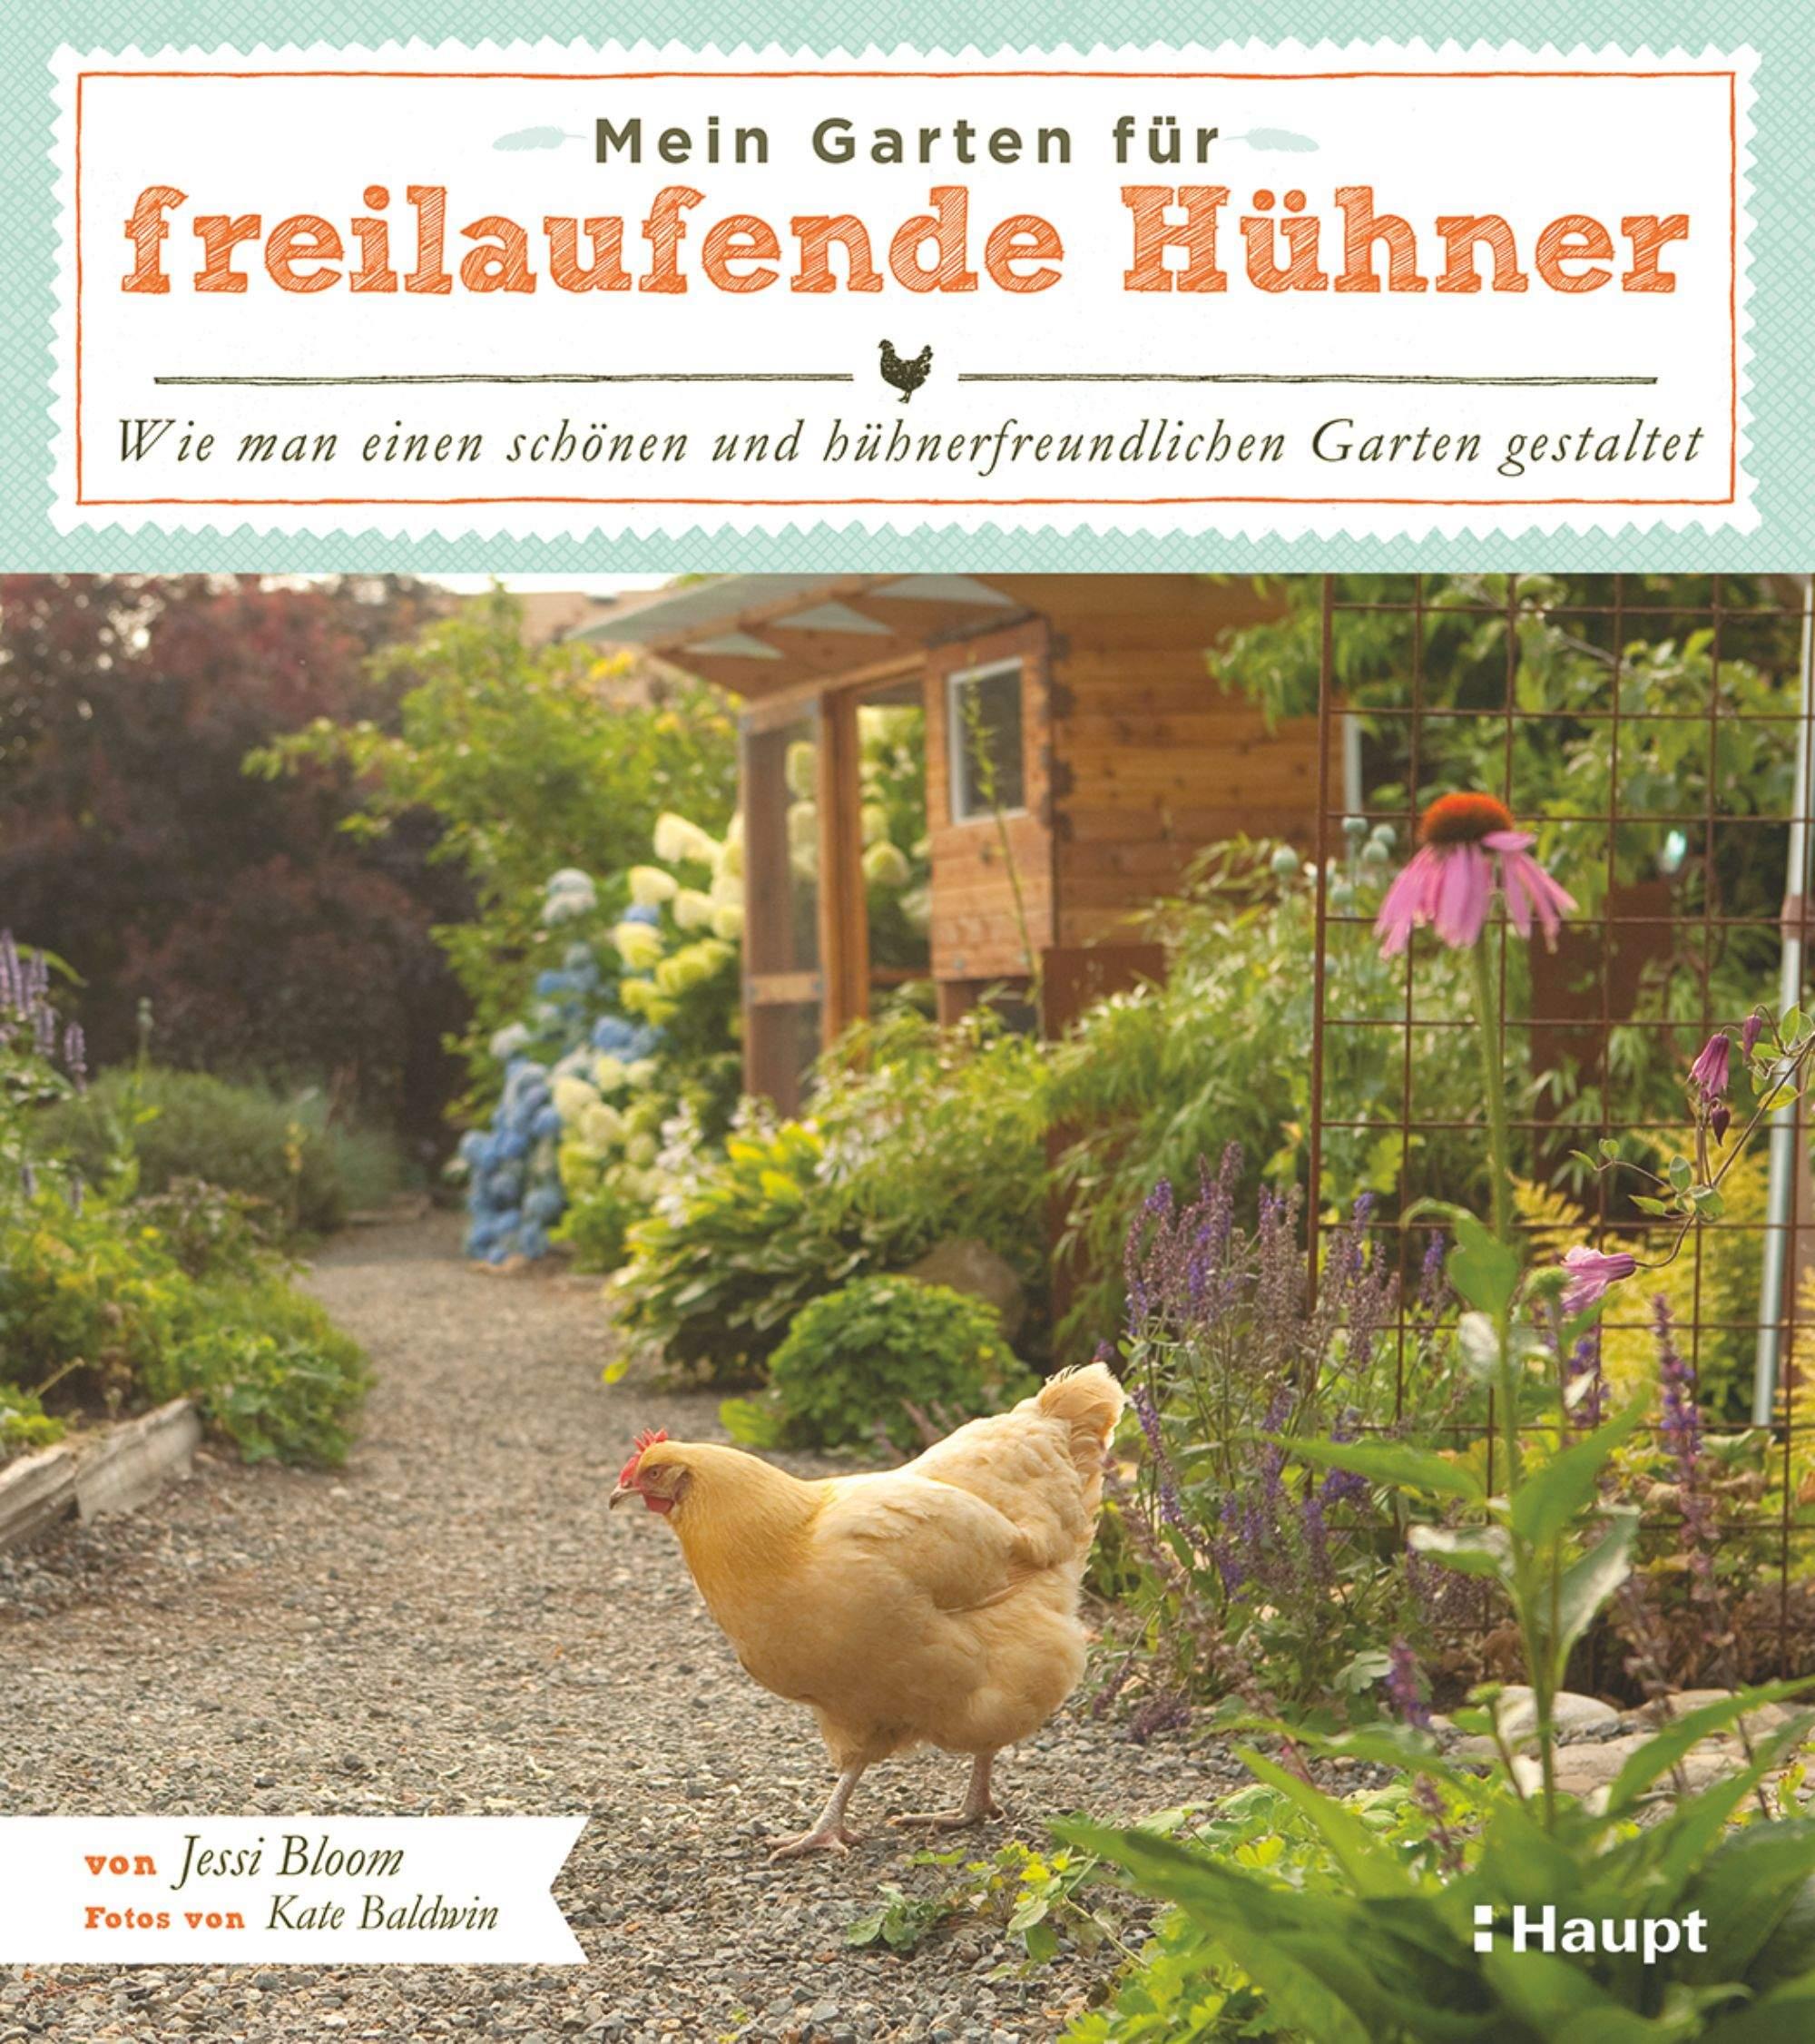 Bloom Baldwin Mein Garten fuer freilaufende Huehner